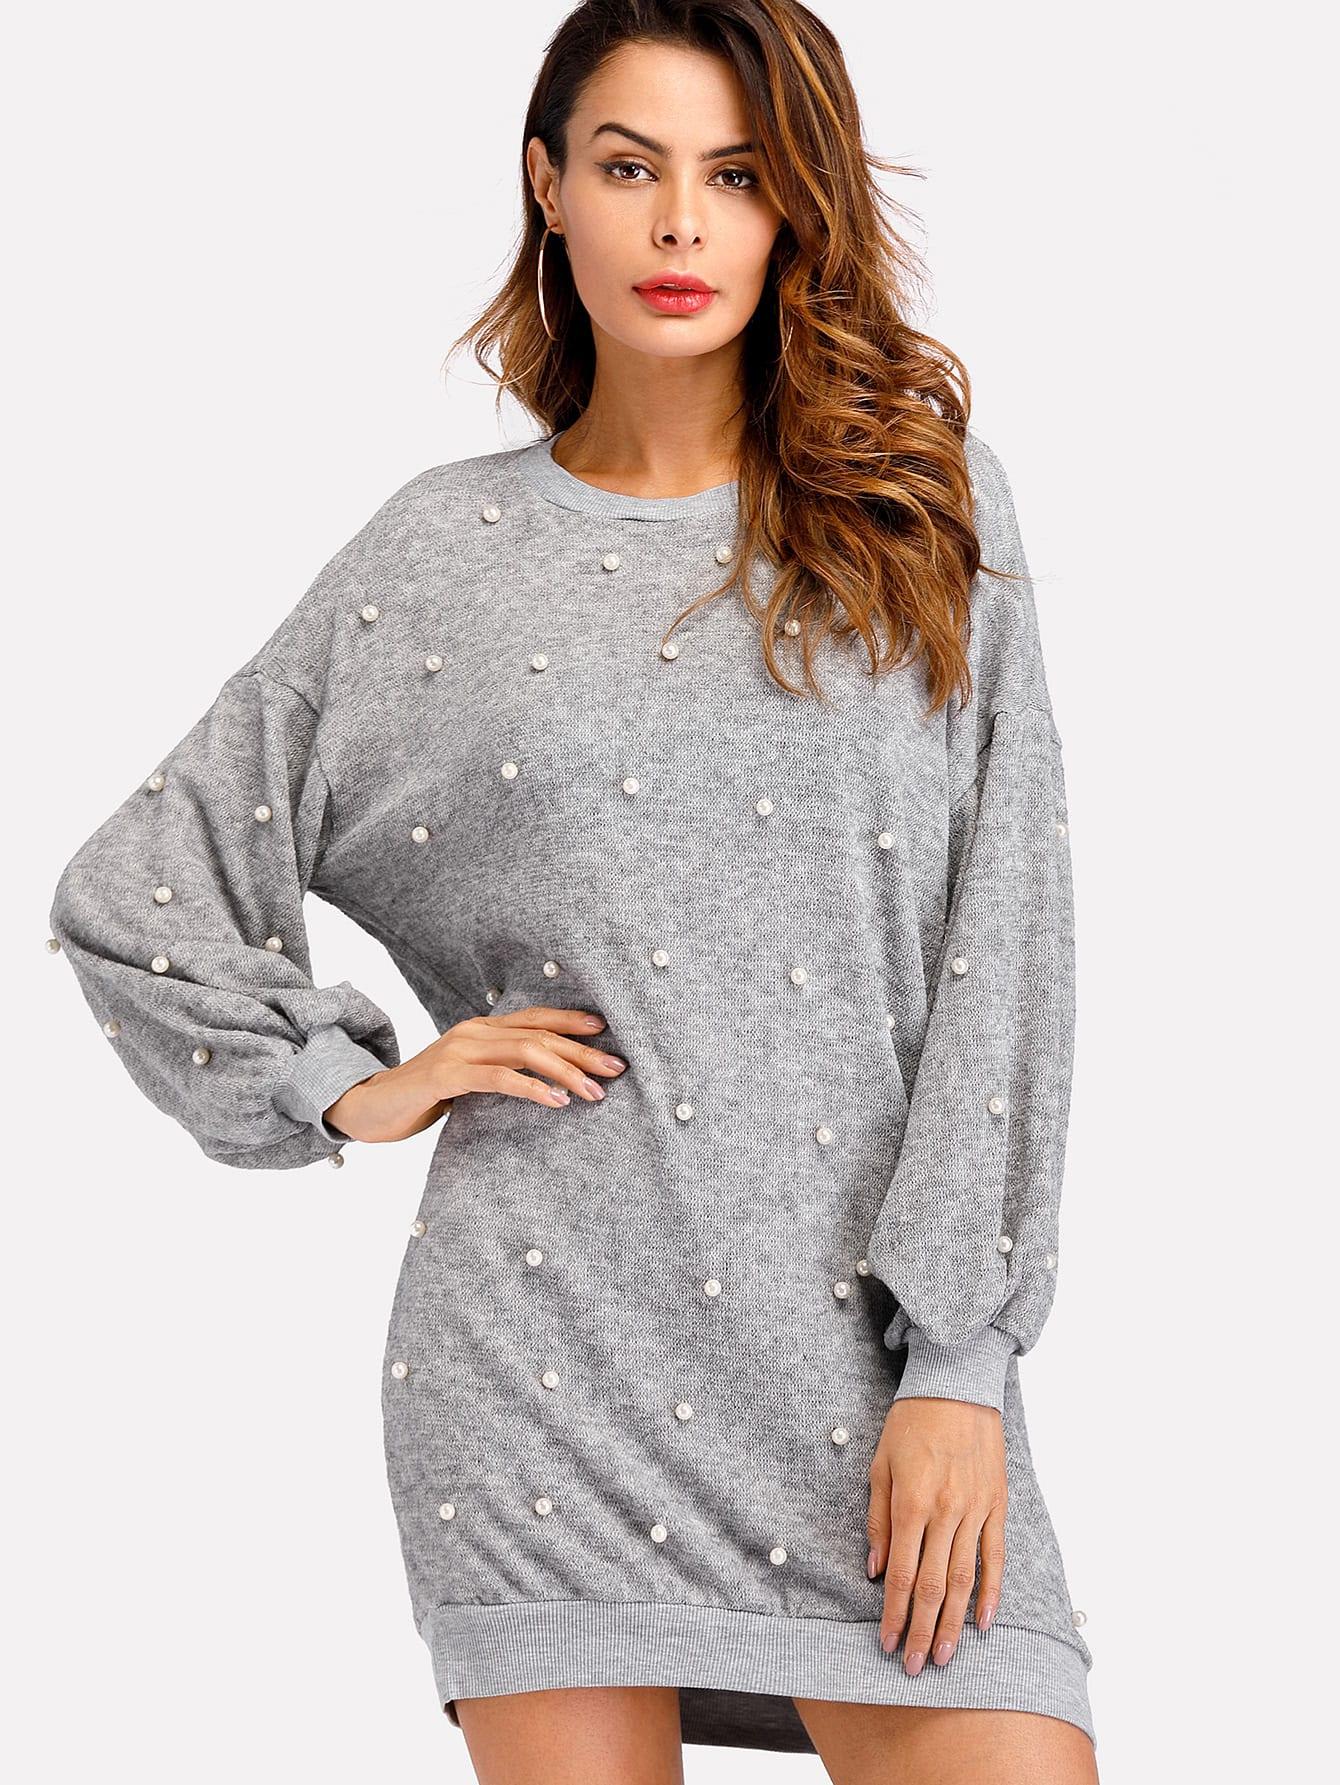 Pearl Beading Rib Trim Marled Knit Dress dress171207104